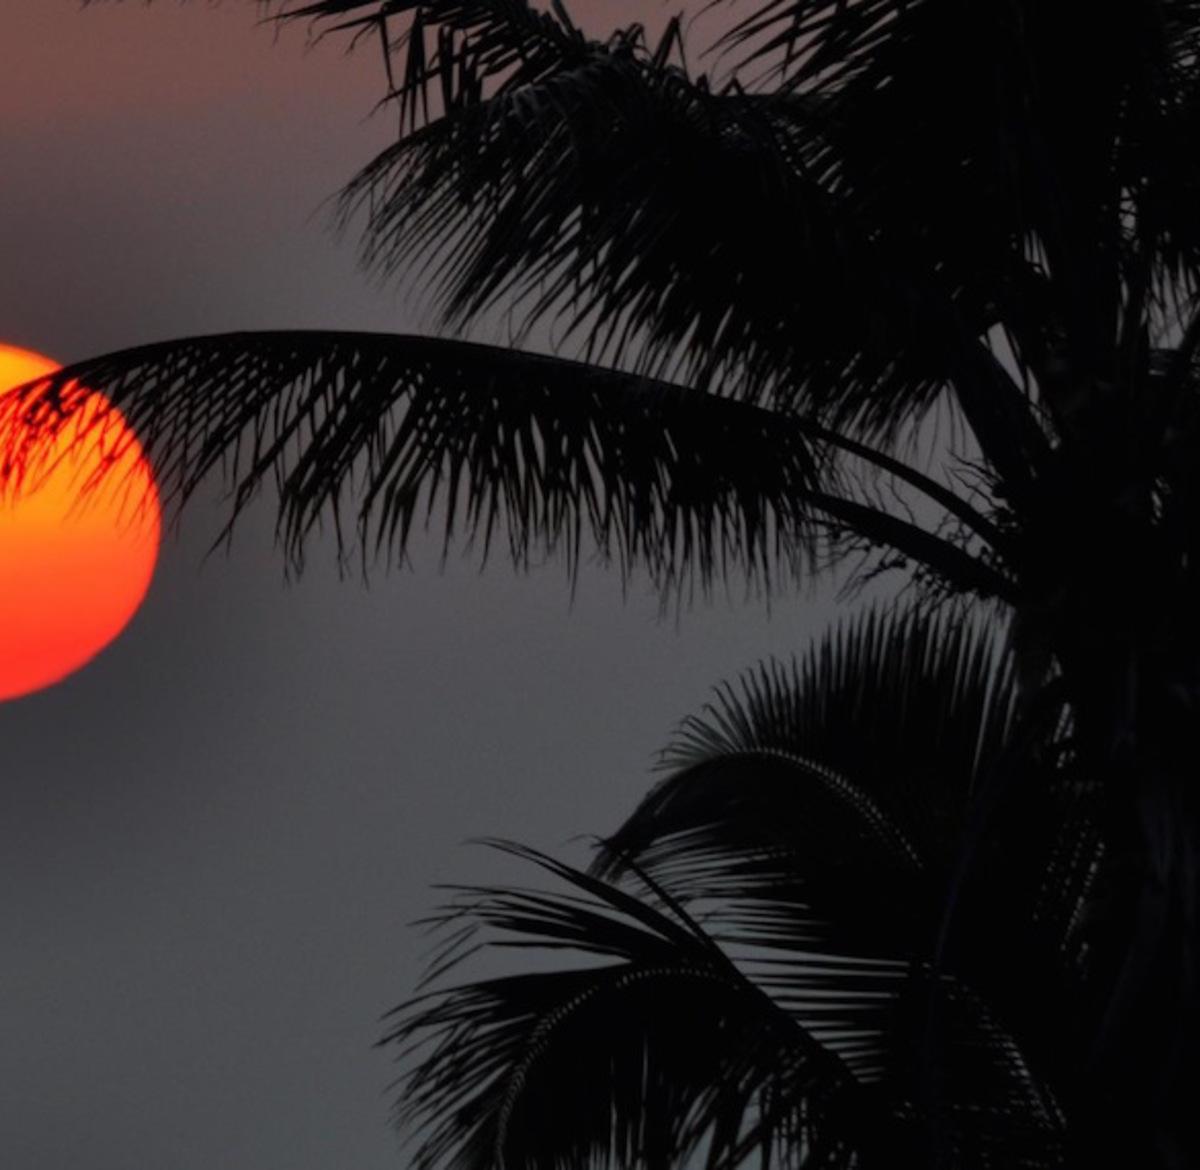 Wed_sunset